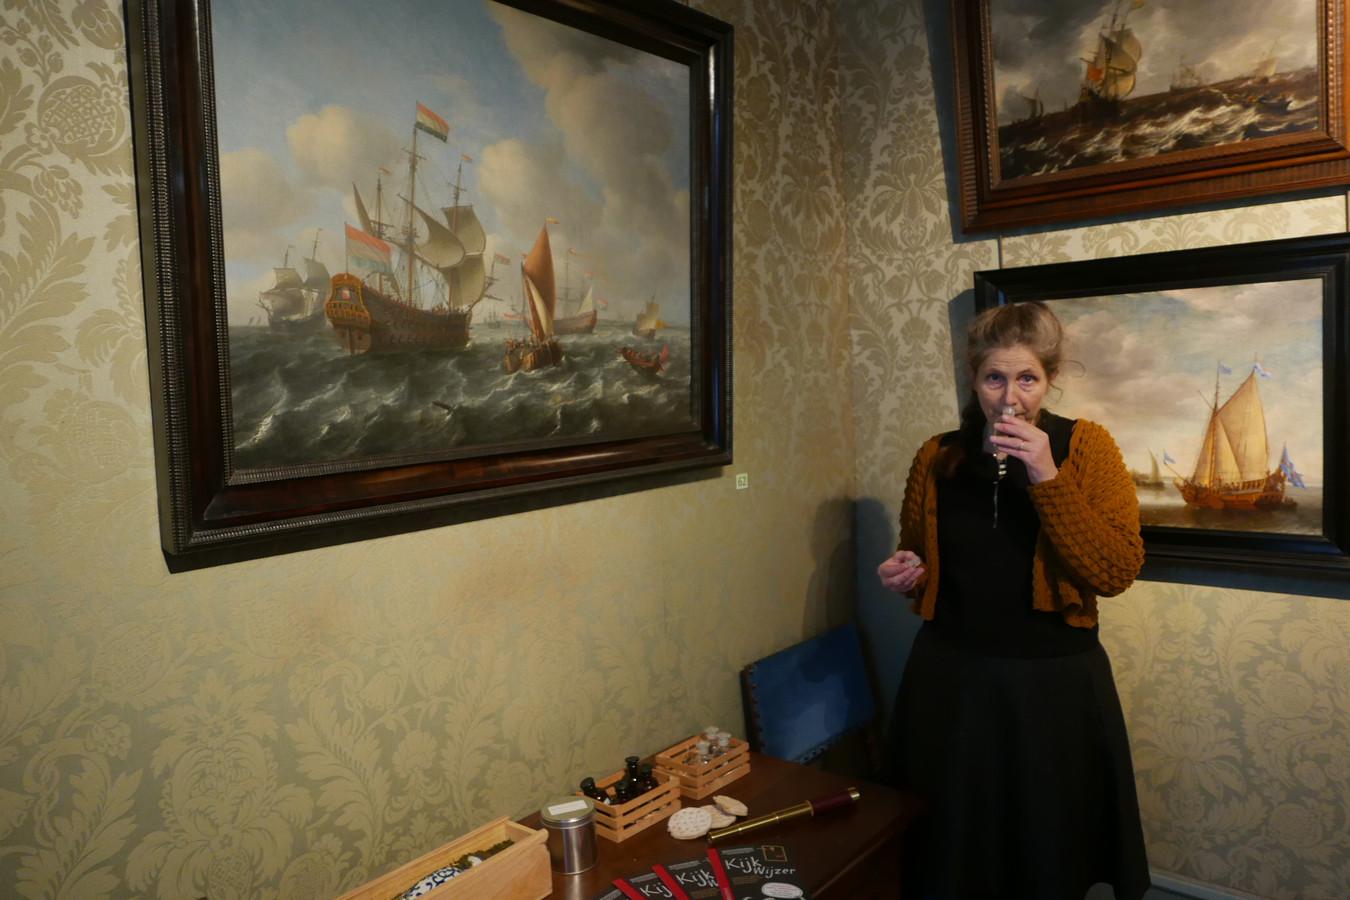 Elsje Drewes demonstreert de reuktest van 17de-eeuwse specerijen die kinderen kunnen doen in Museum Bredius.